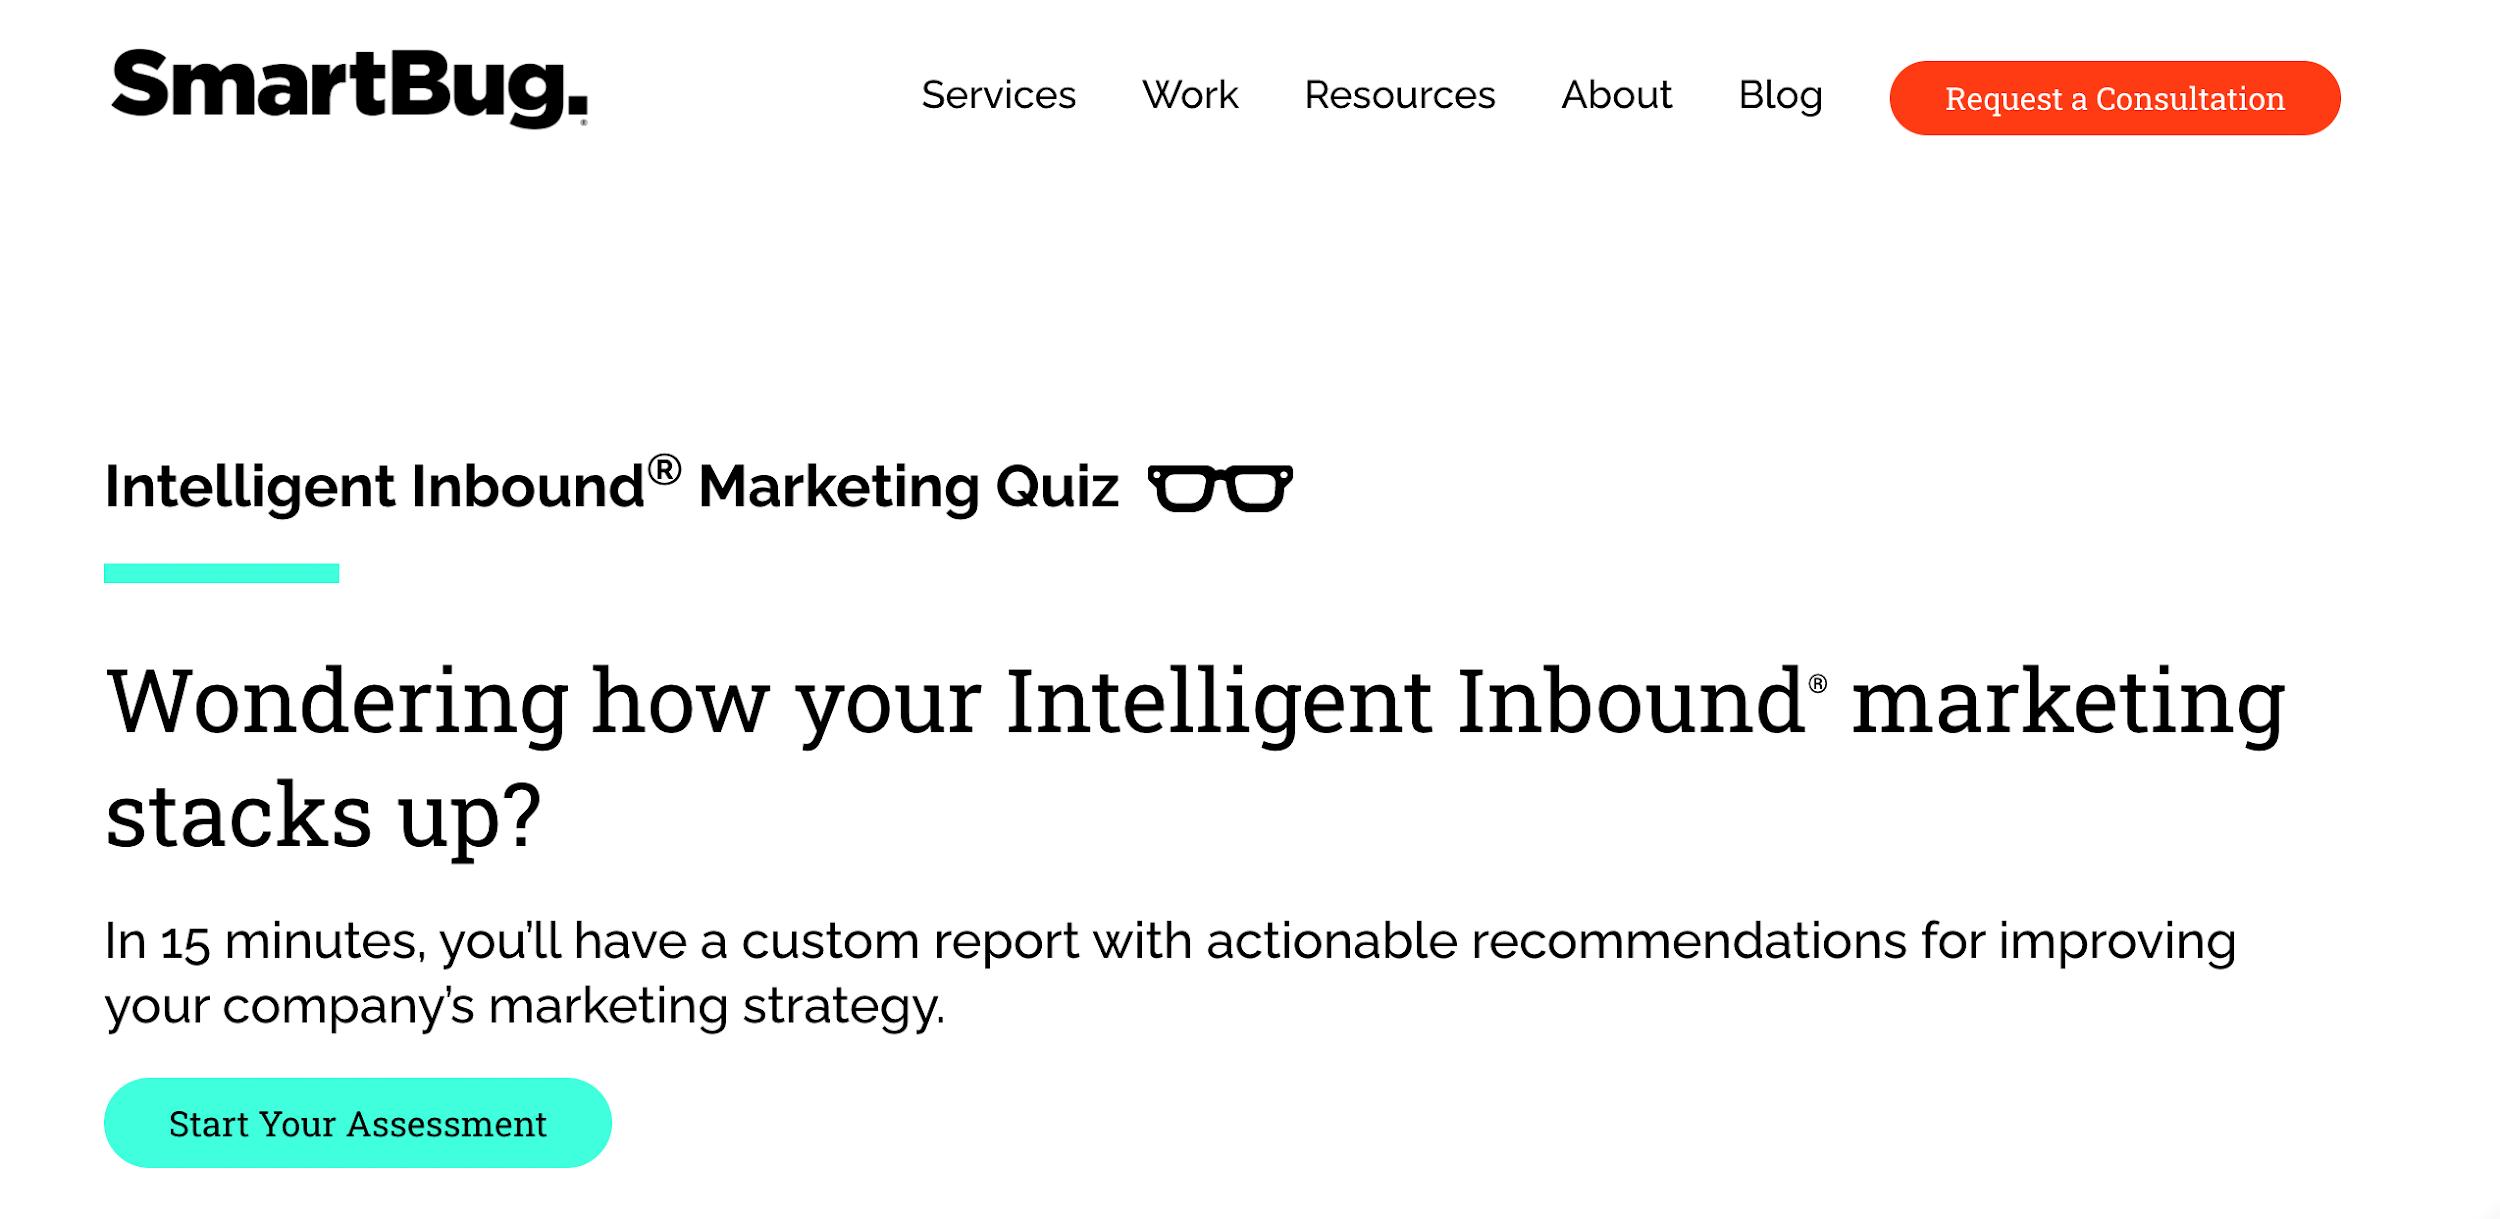 SmartBug's Intelligent Inbound Marketing Quiz